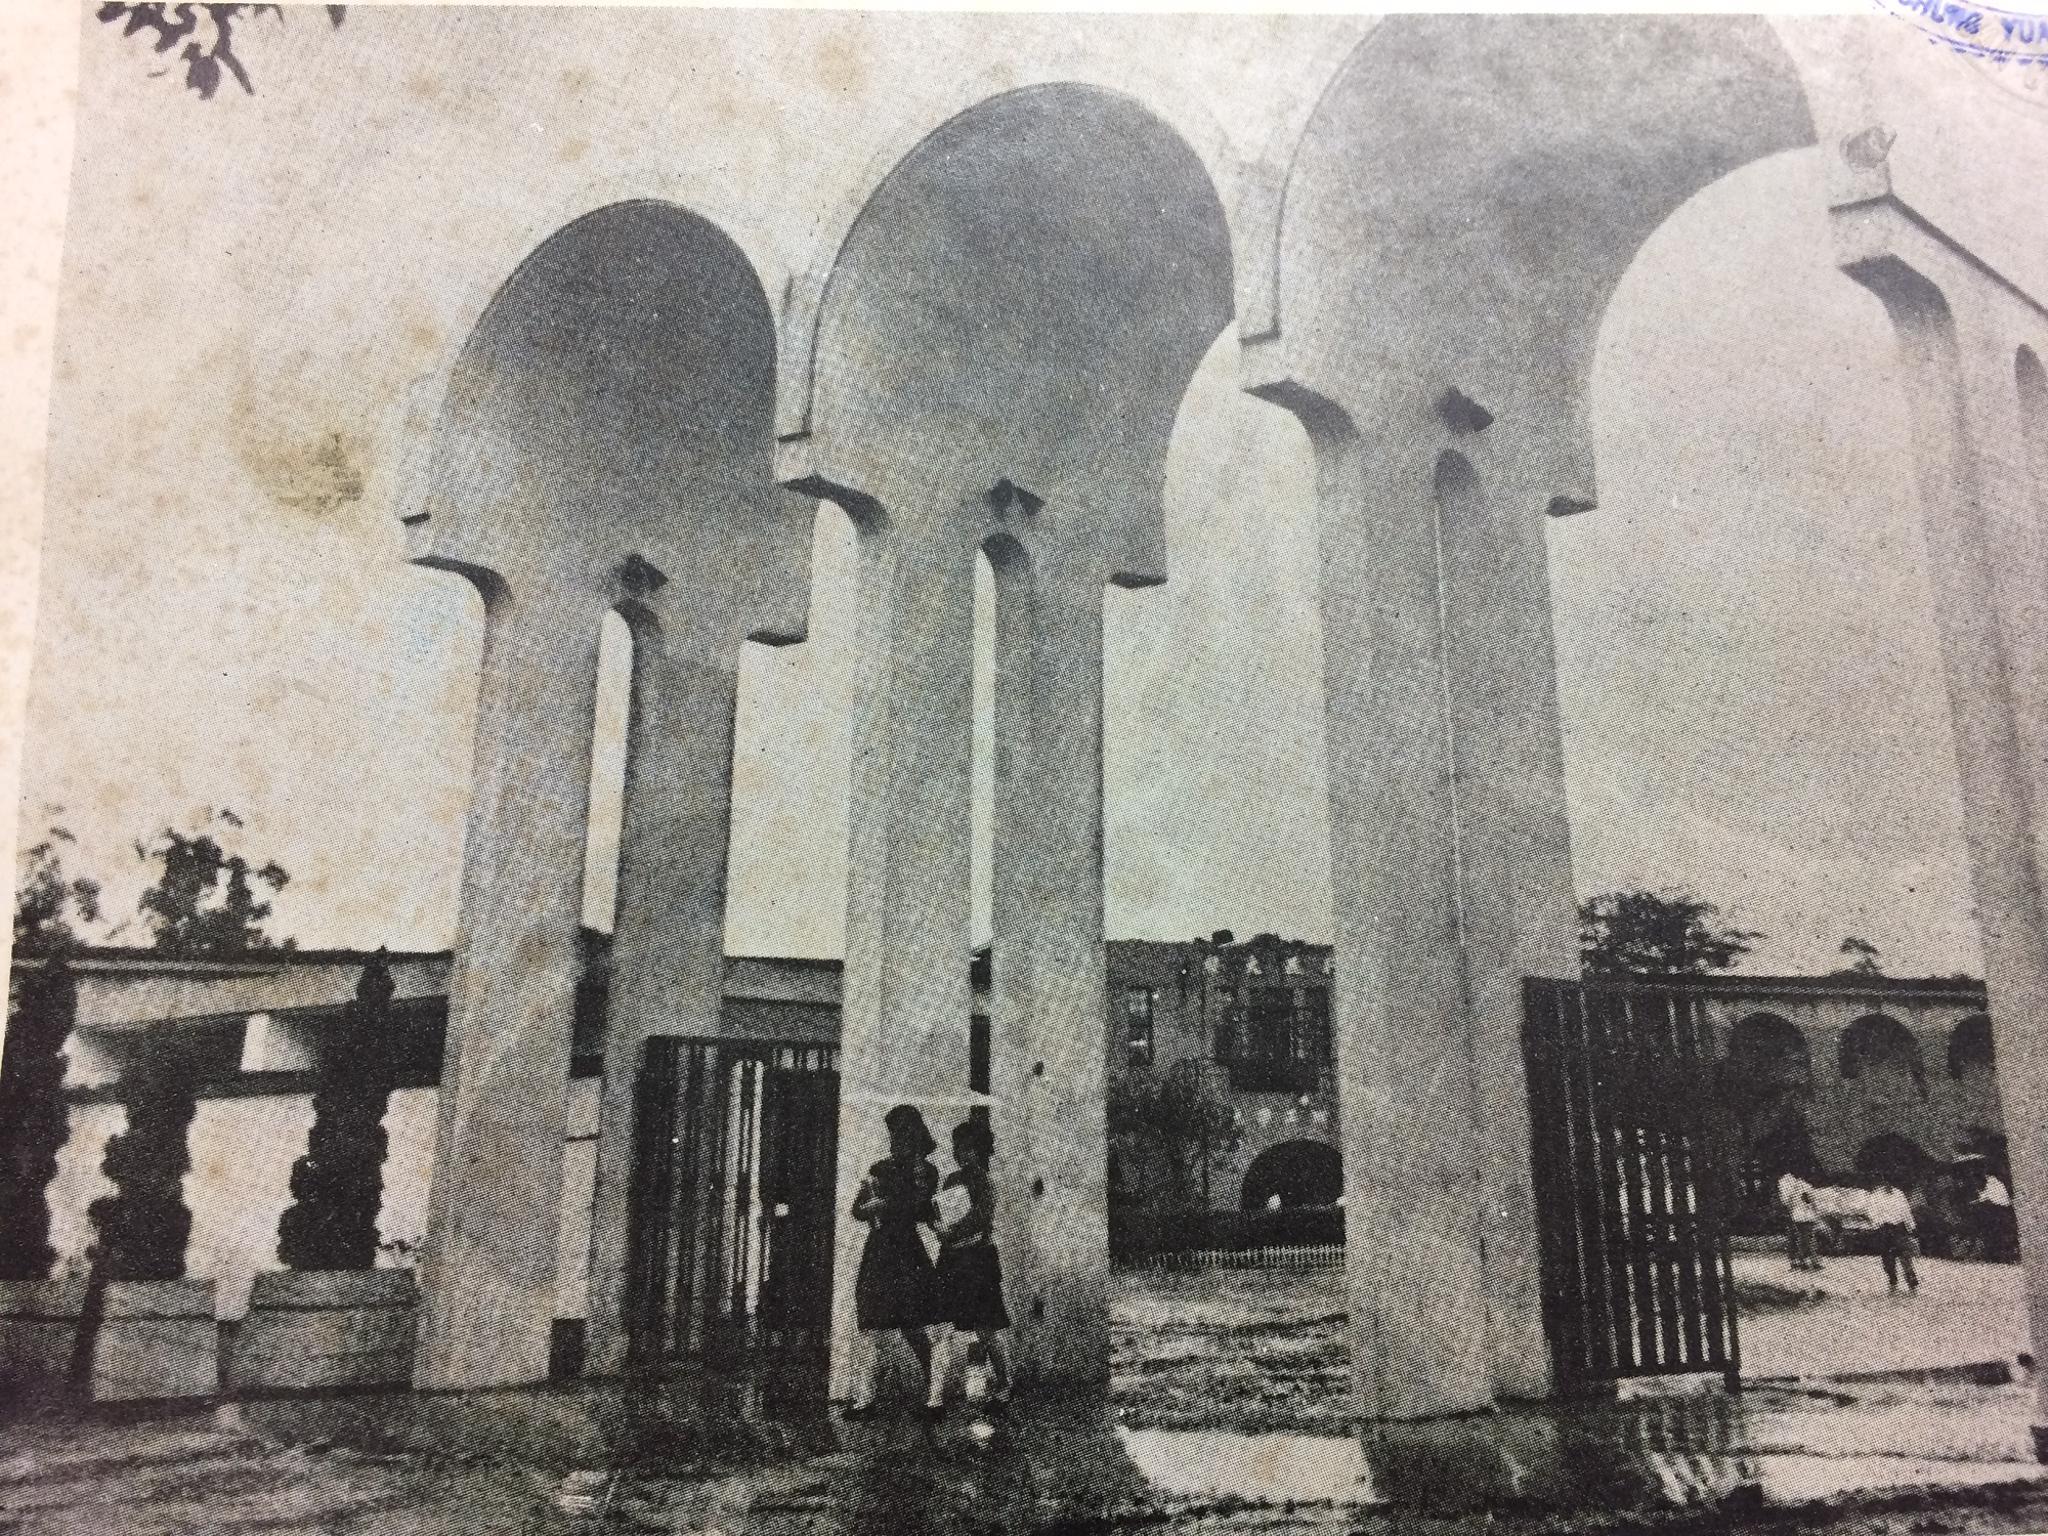 1967三拱校門-M字門--.jpg